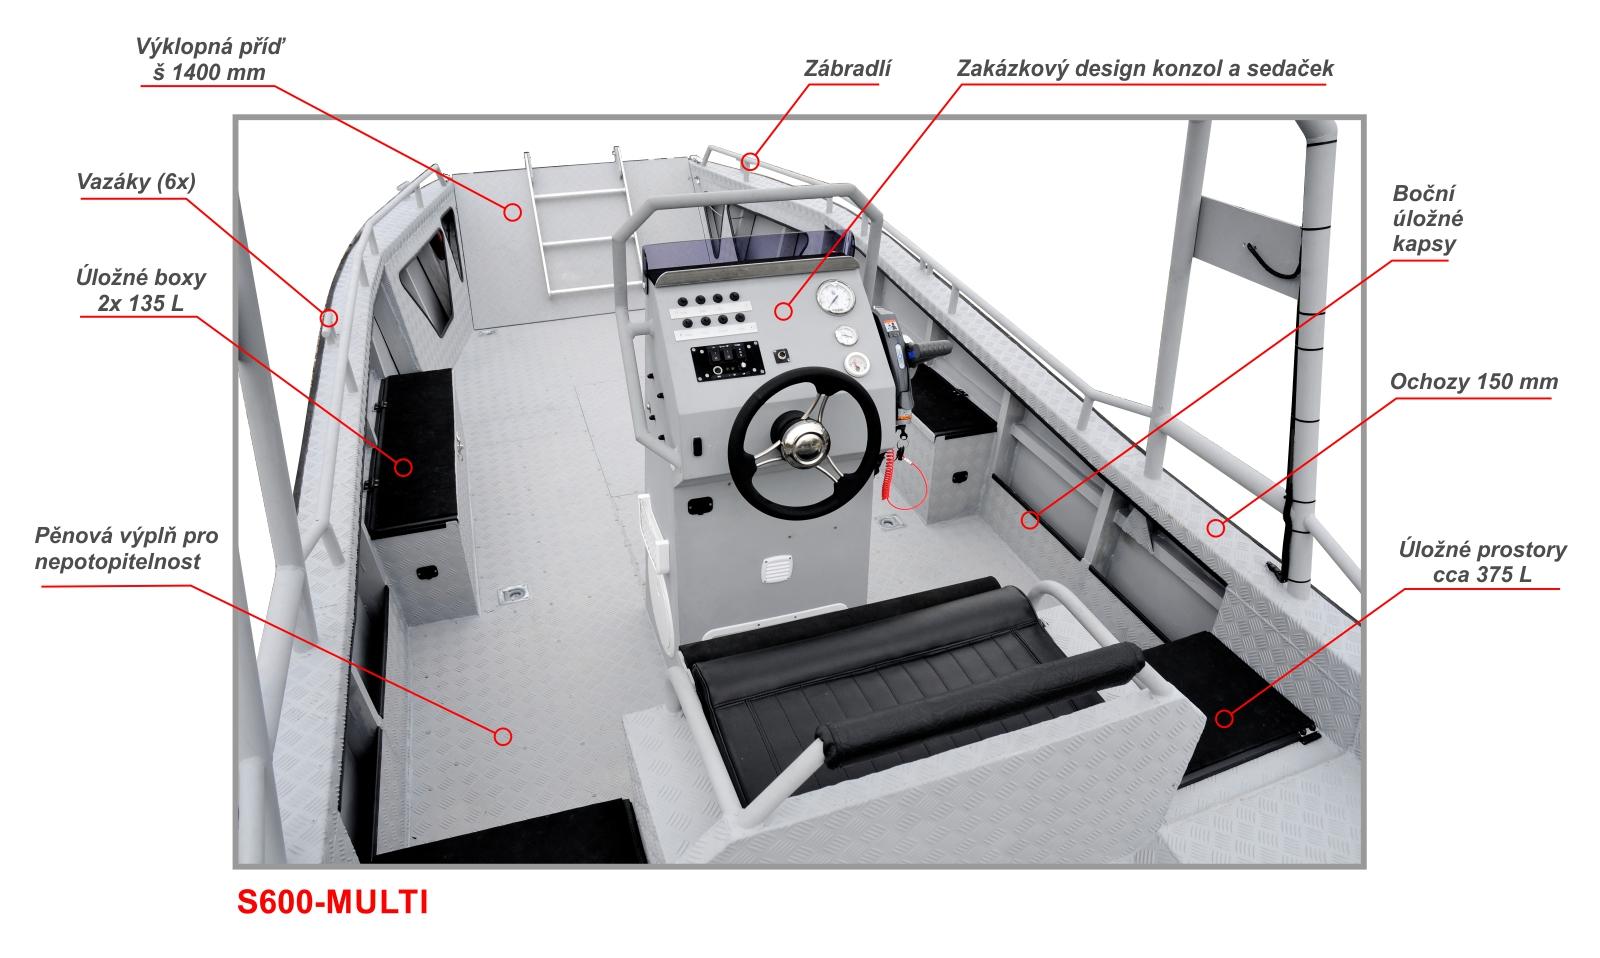 Zakázková výroba motorových člunů SCHELKALIN MOTORBOAT. Pracovní hliníkový člun S600-MULTI s výklopnou přídí